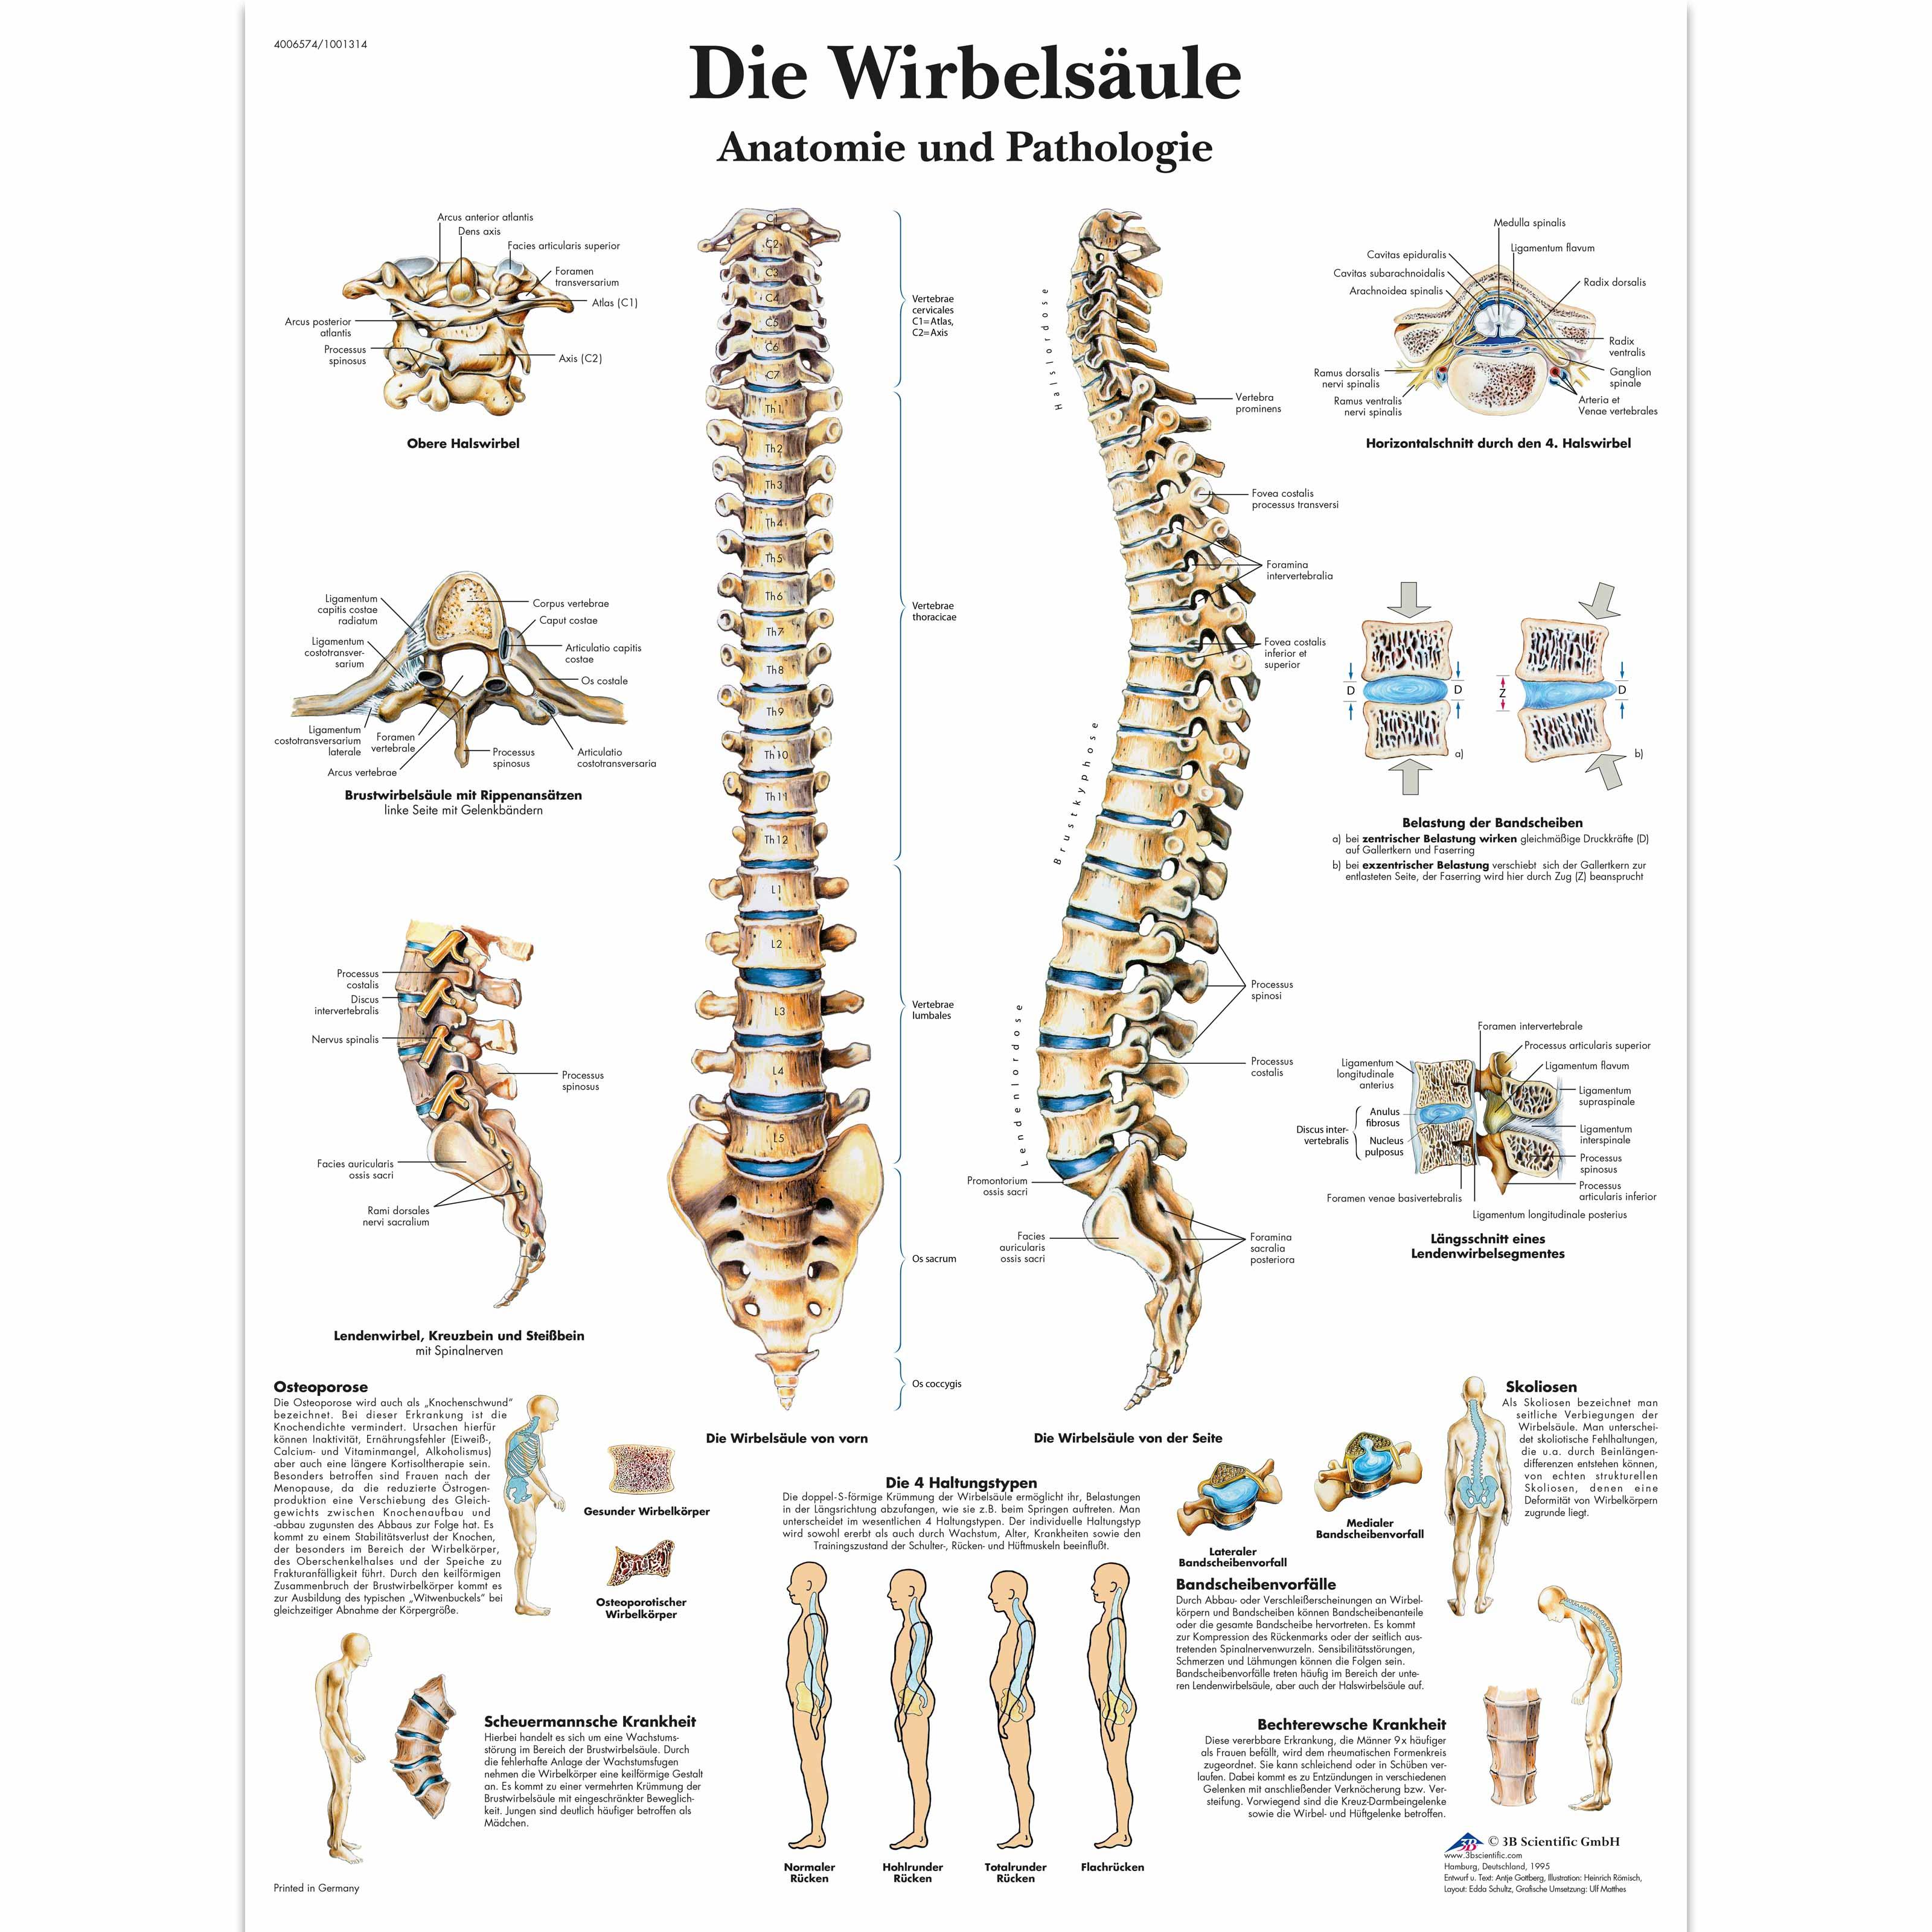 Berühmt überleben Anatomie Und Physiologie Fotos - Menschliche ...